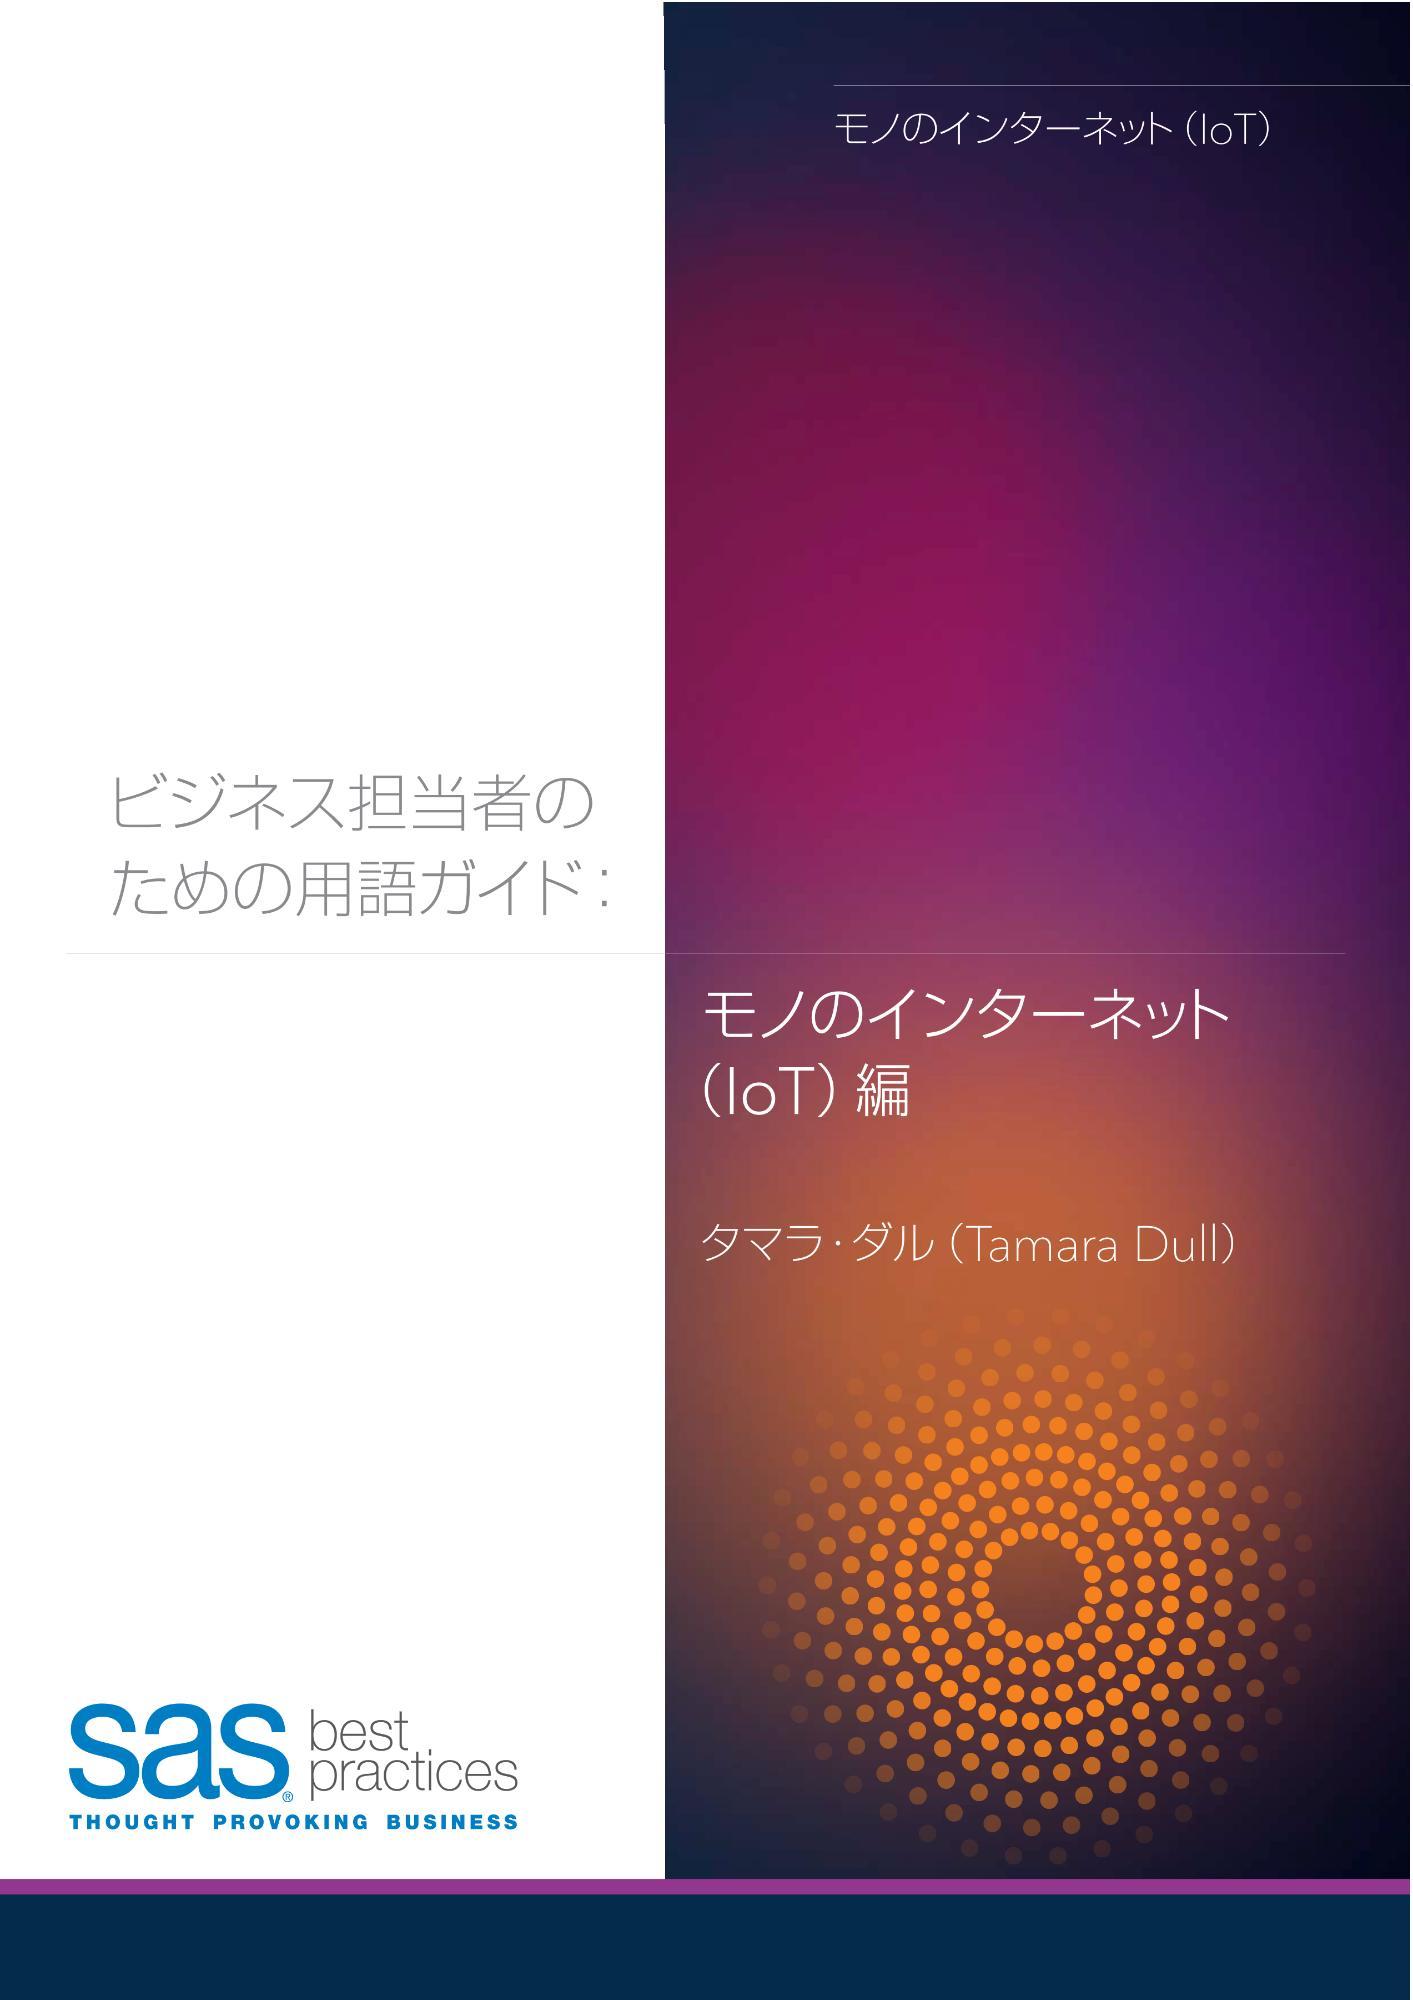 ビジネス担当者の ための用語ガイド:モノのインターネット (IoT)編